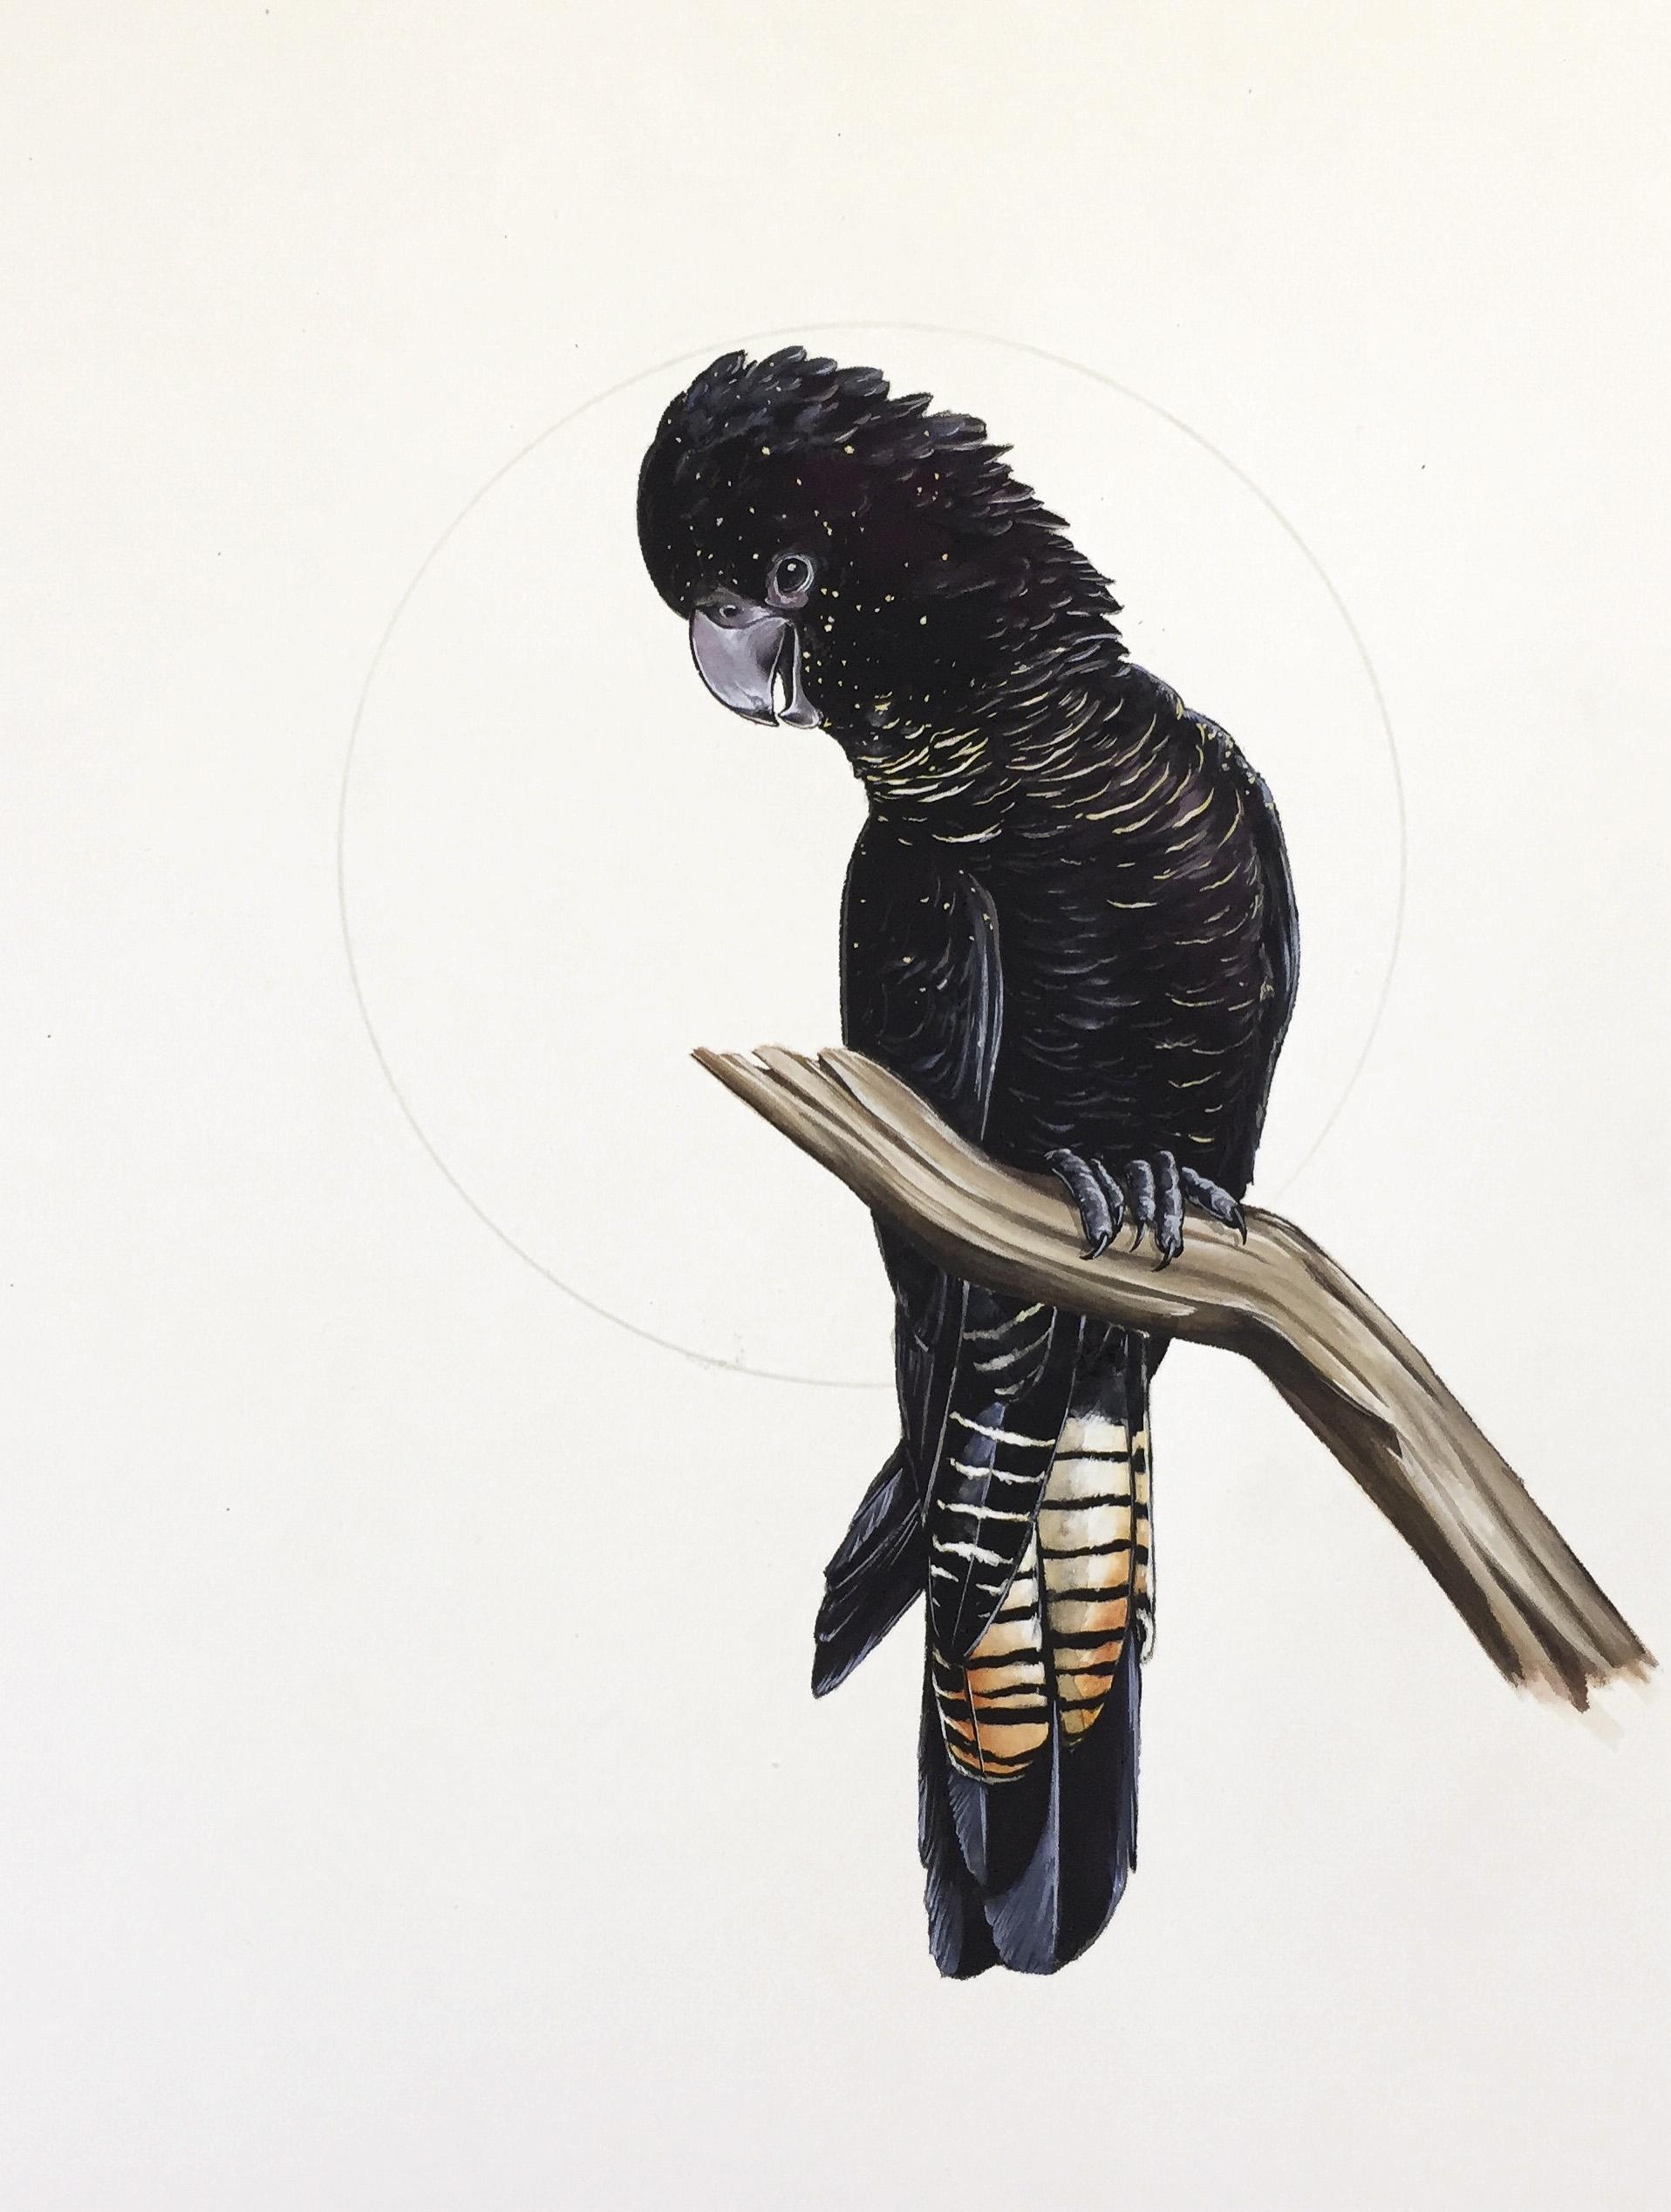 Black Cockatoo commission